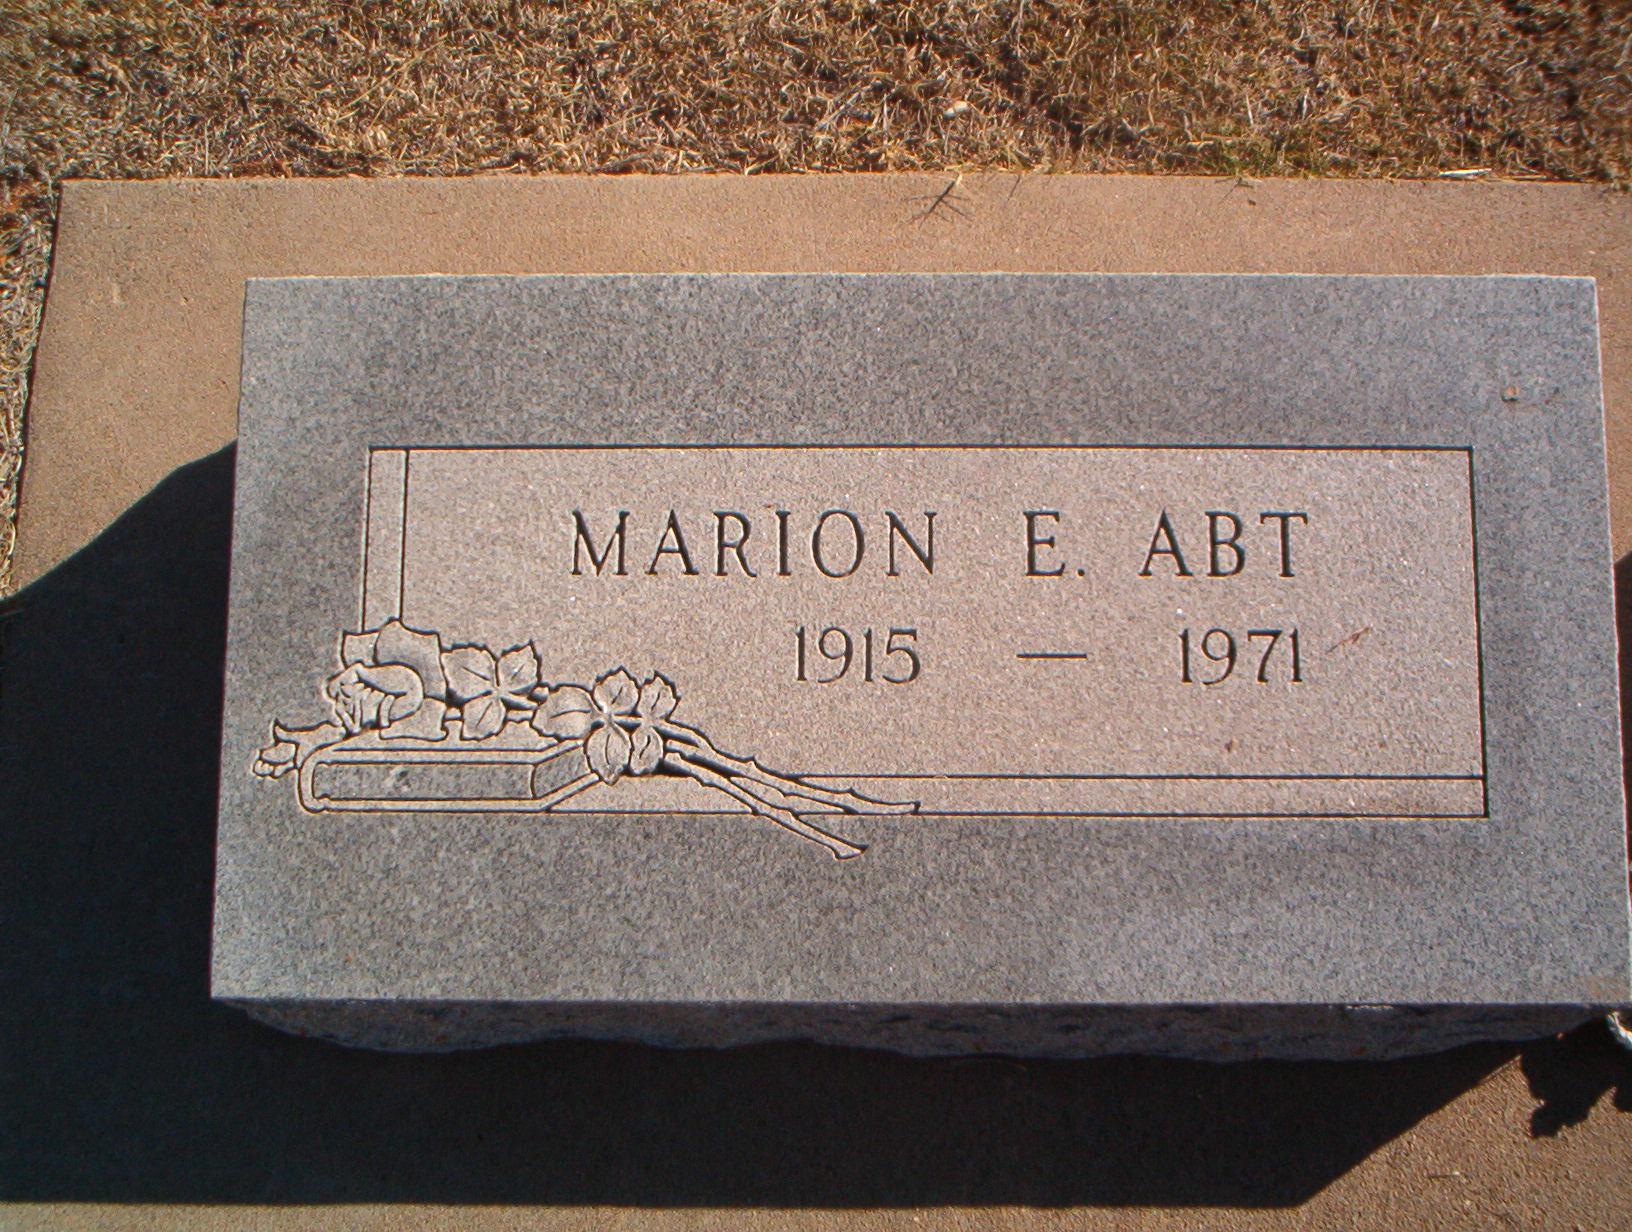 Marion E. Abt